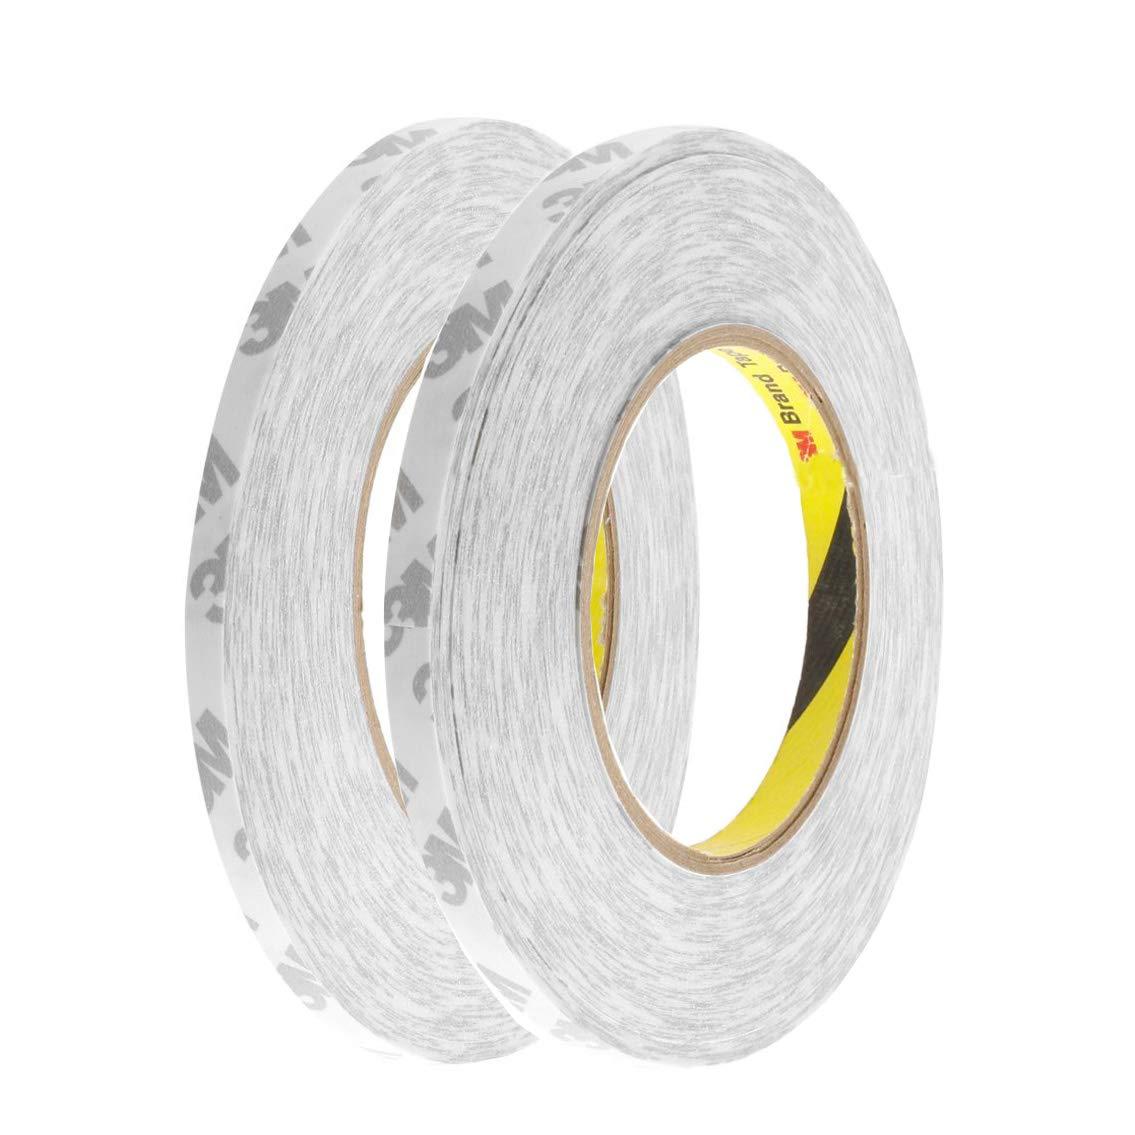 2 rollos de cinta adhesiva de doble cara para manualidades de bricolaje, oficina, hogar, escuela, cada una es de 50 metros (6 mm y 9 mm) FASTLD